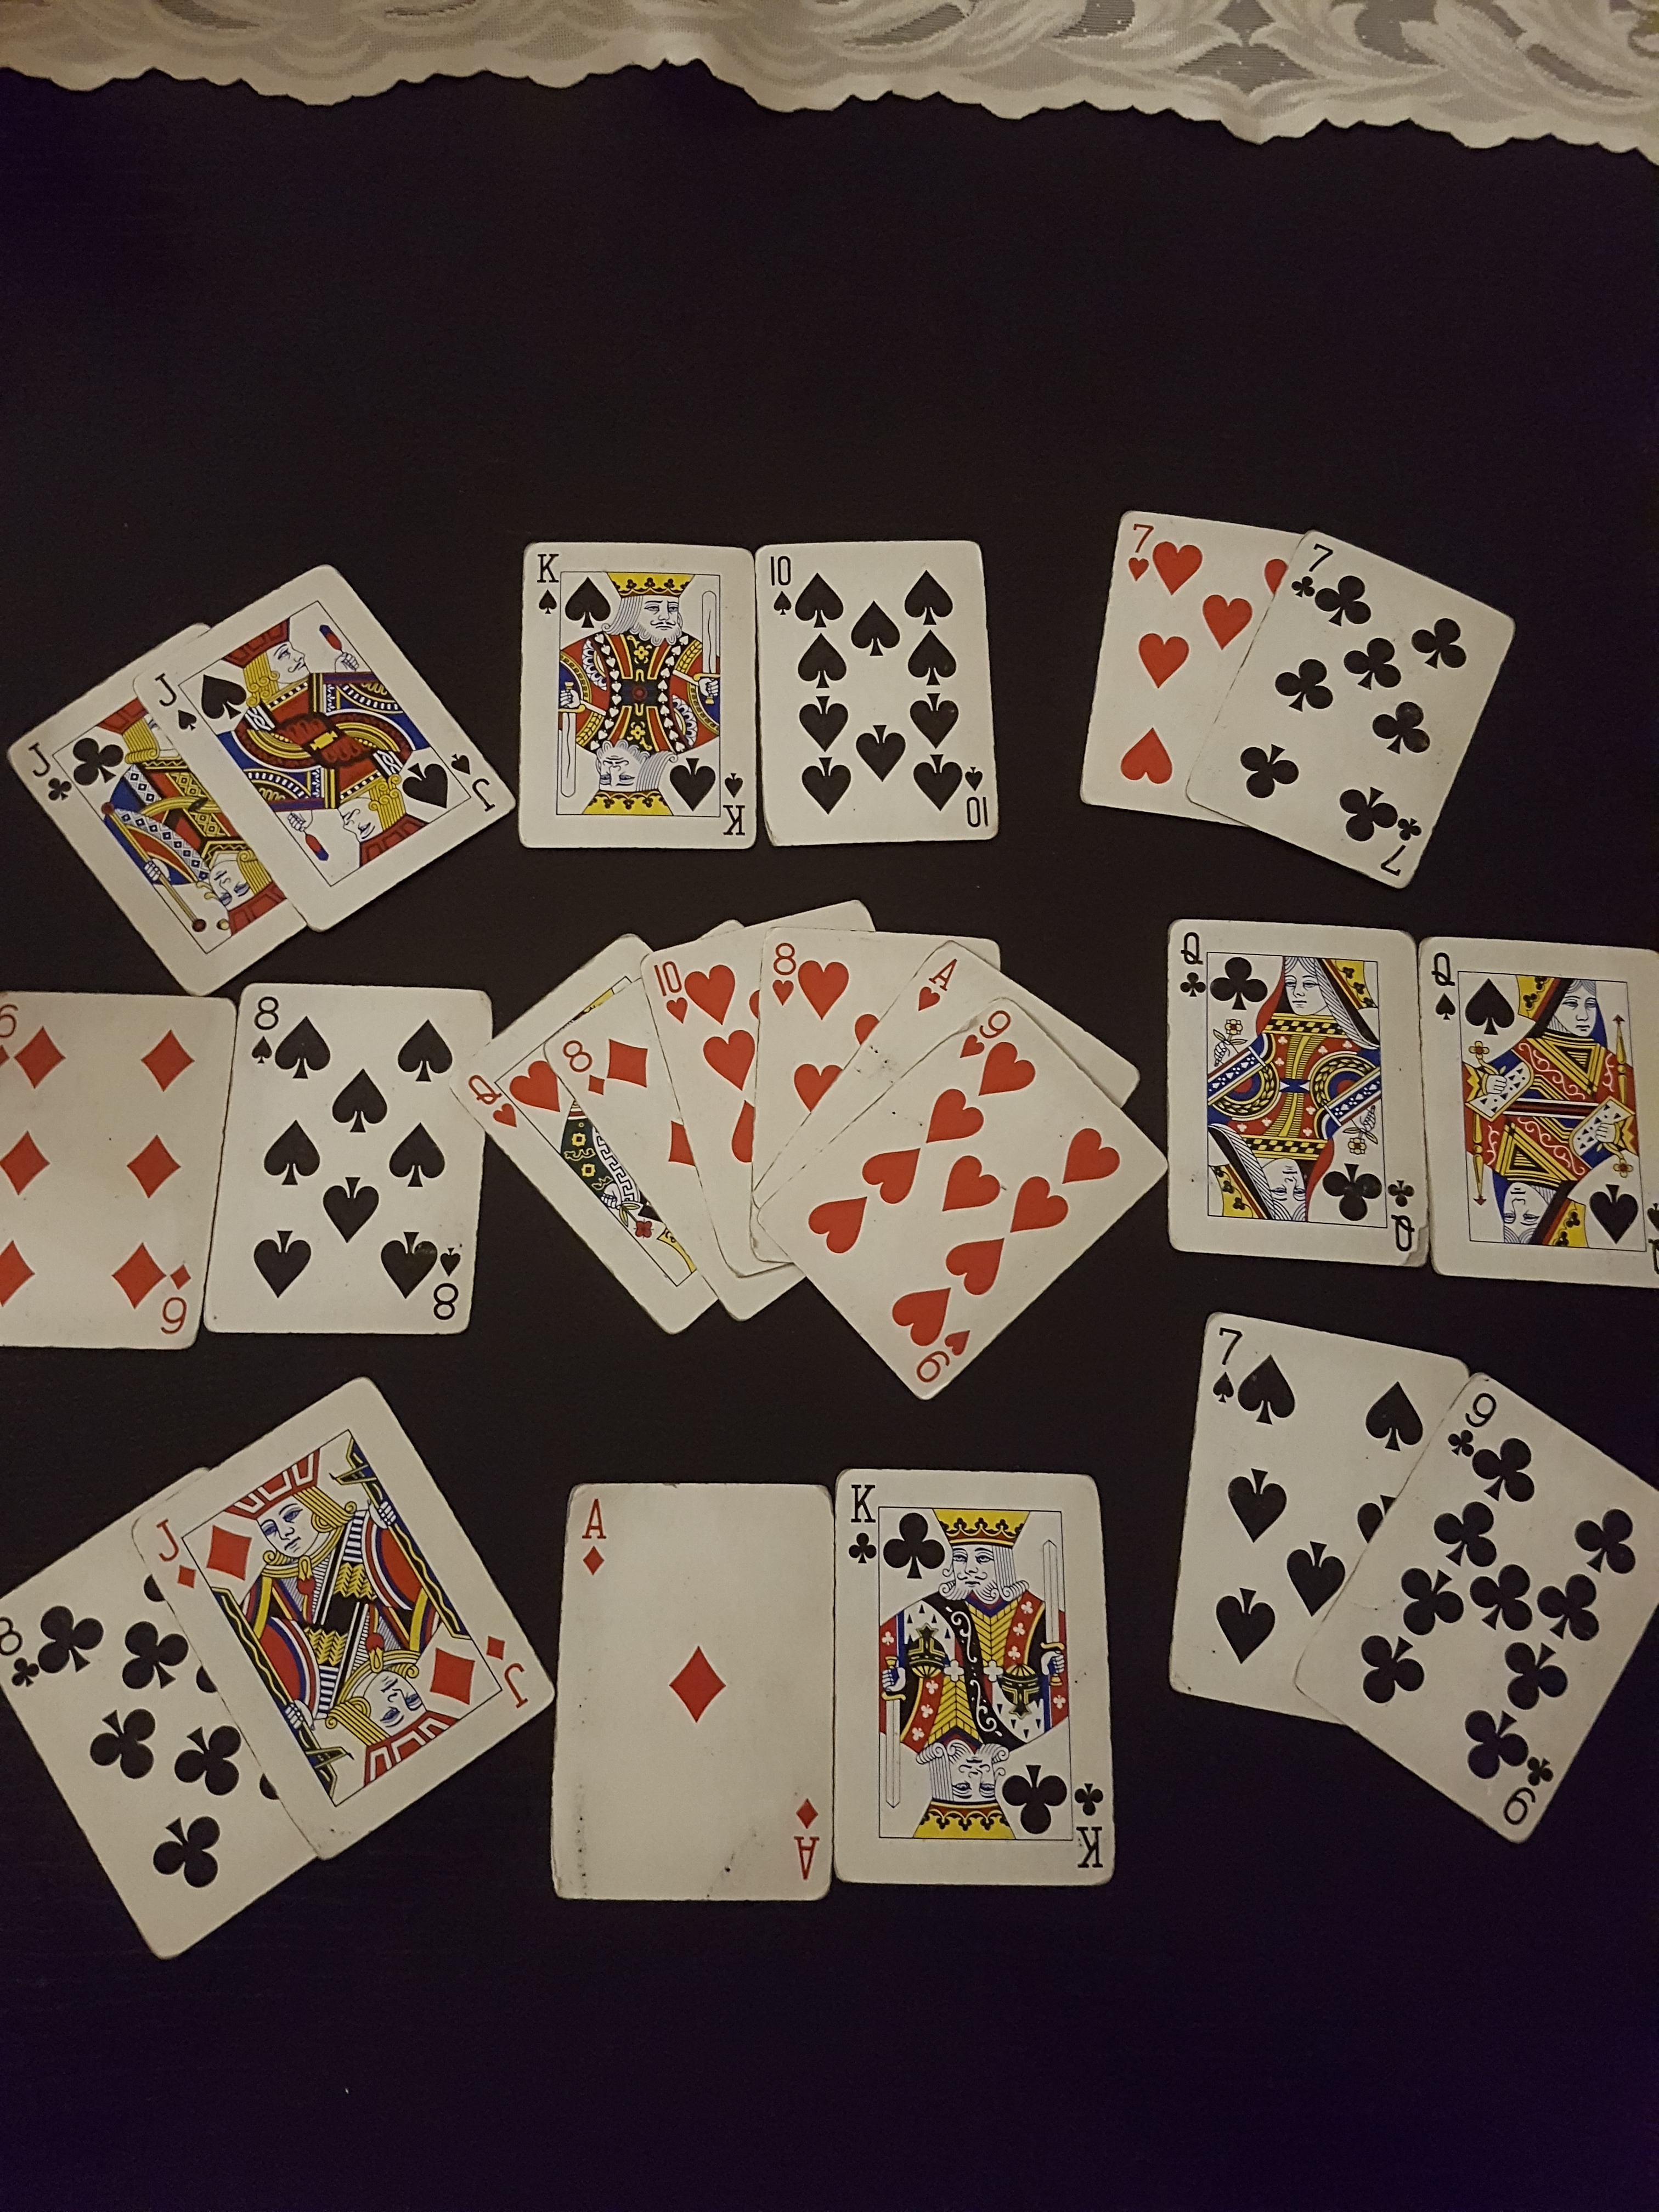 Игральные карты пасьянс гадания онлайн бесплатно бесплатное гадание 3 карты таро